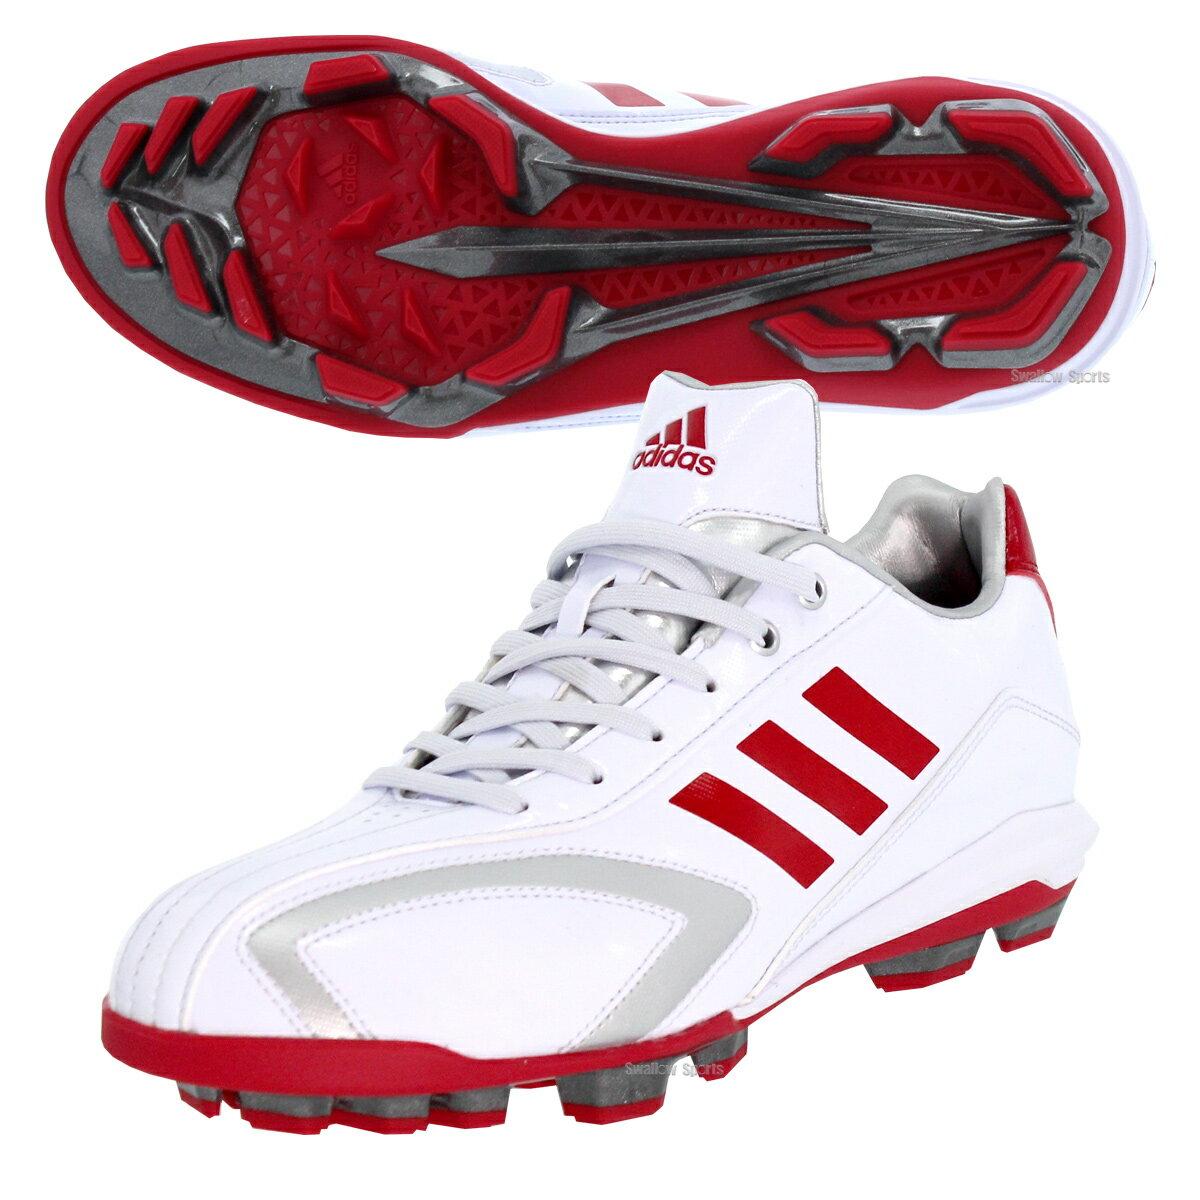 【あす楽対応】 adidas アディダス アディピュア T3 K ポイント スパイク シューズ 少年用 AQ8362 靴 スパイク シューズ 野球部 野球用品 スワロースポーツ